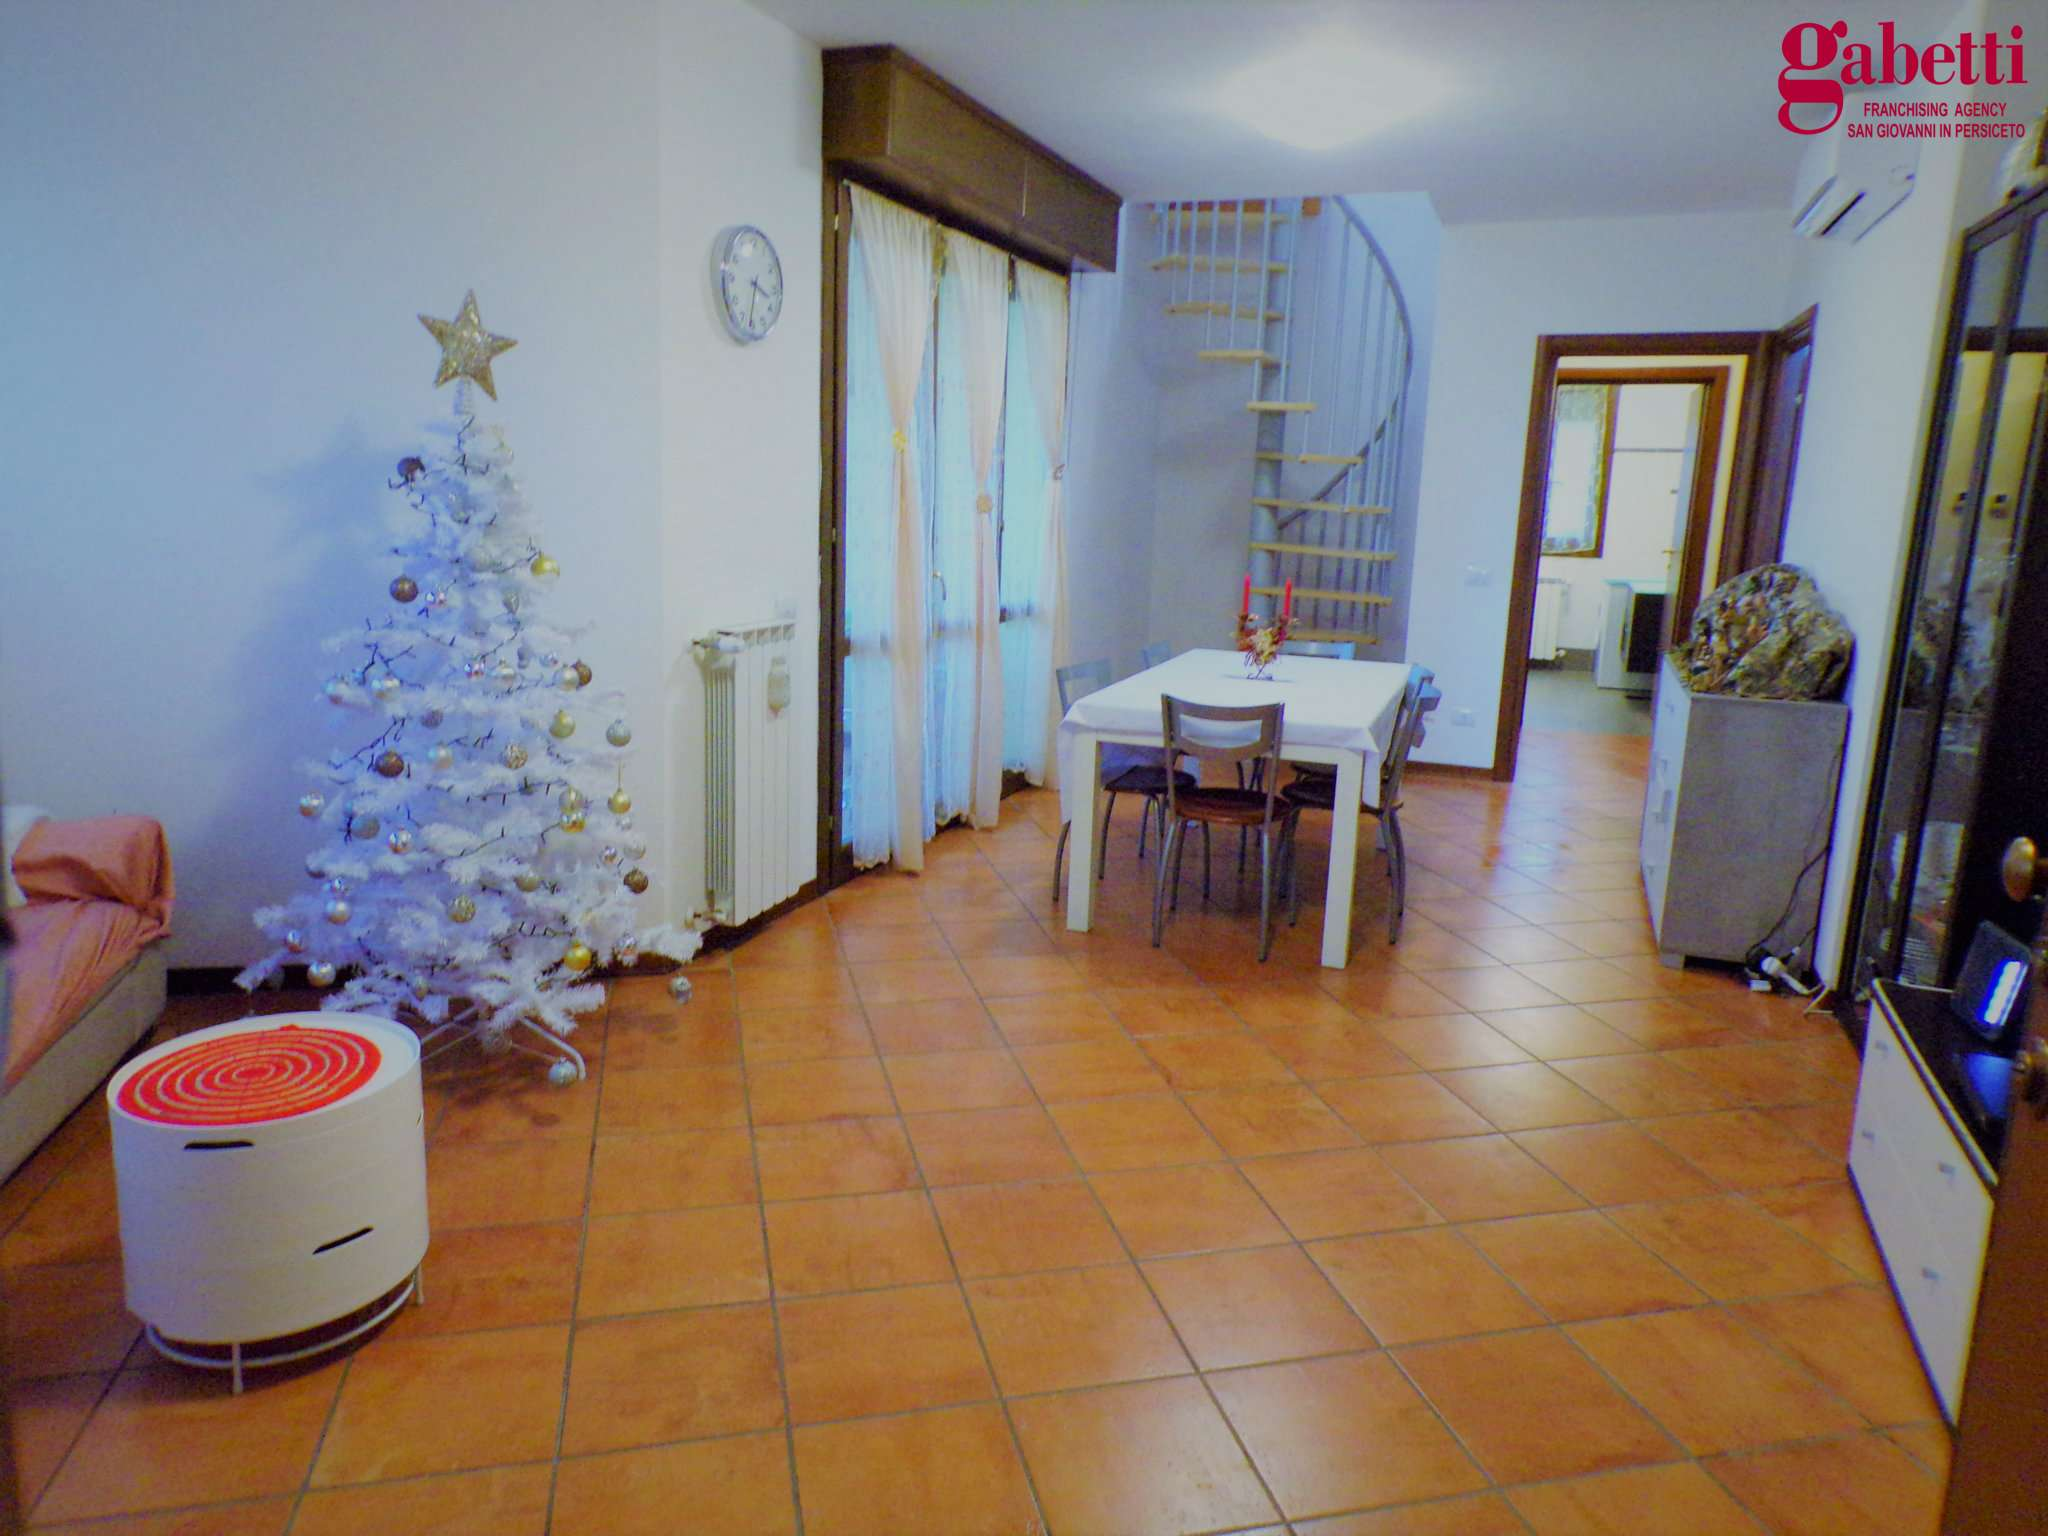 Appartamento in vendita a San Giovanni in Persiceto, 6 locali, prezzo € 249.000 | PortaleAgenzieImmobiliari.it